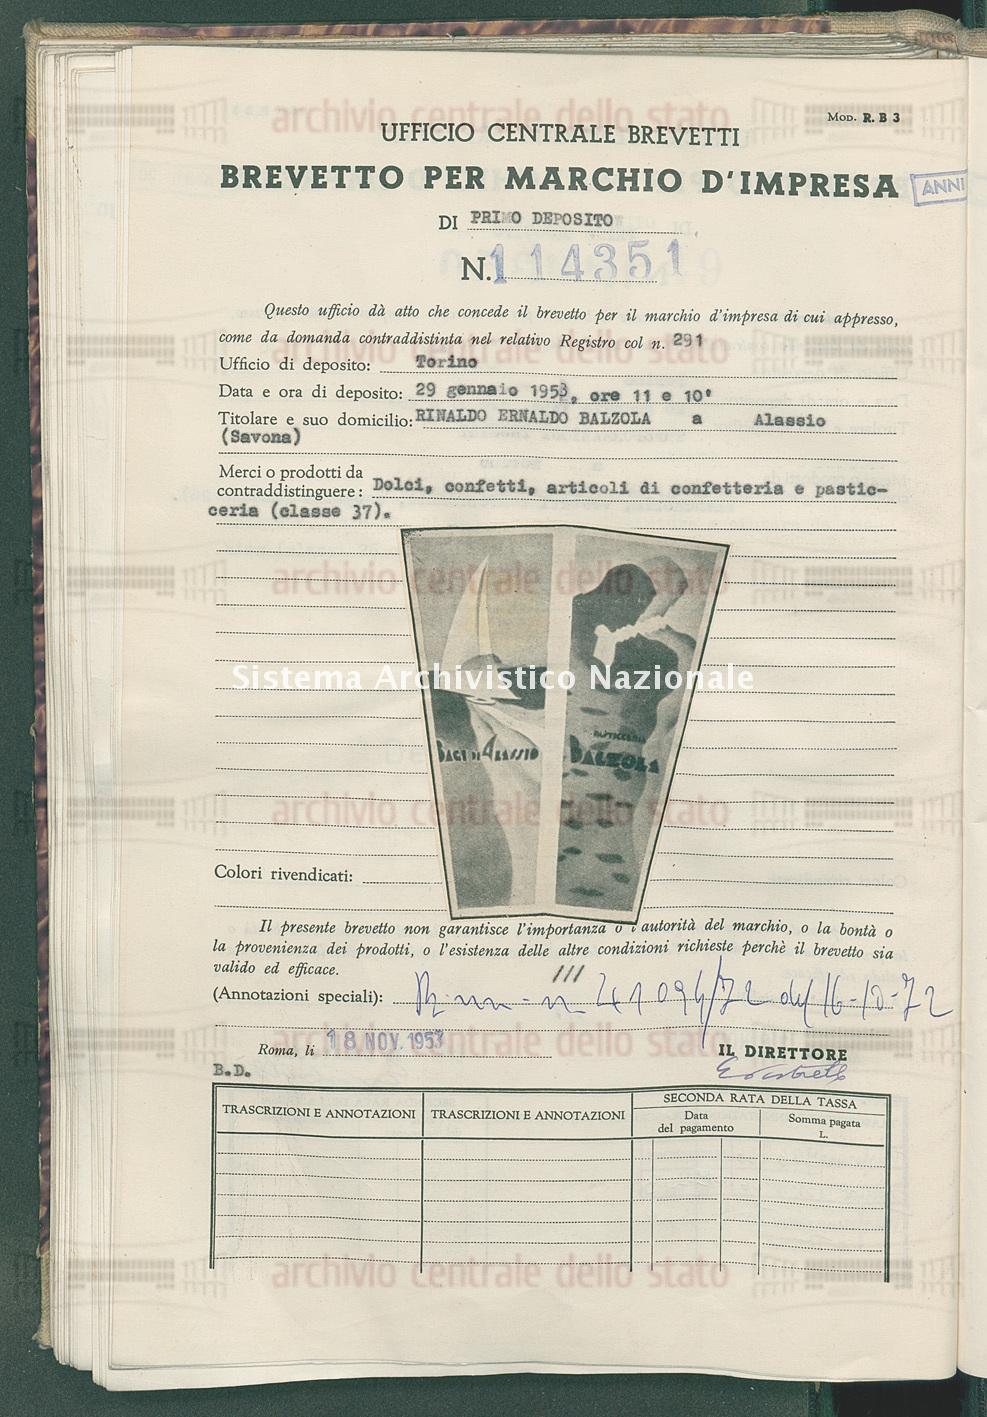 Dolci, confetti, articoli di confetteria e pasticceria Rinaldo Ernaldo Balzola (18/11/1953)